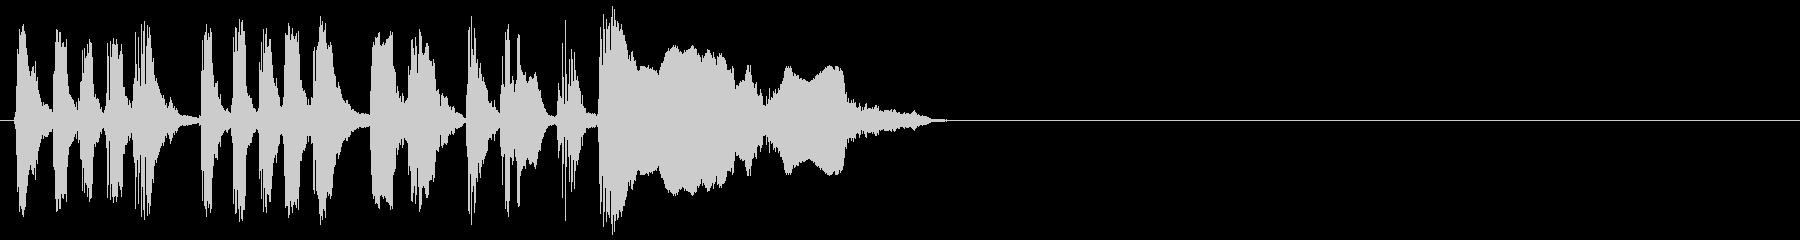 ゴマーパイルイントロの未再生の波形